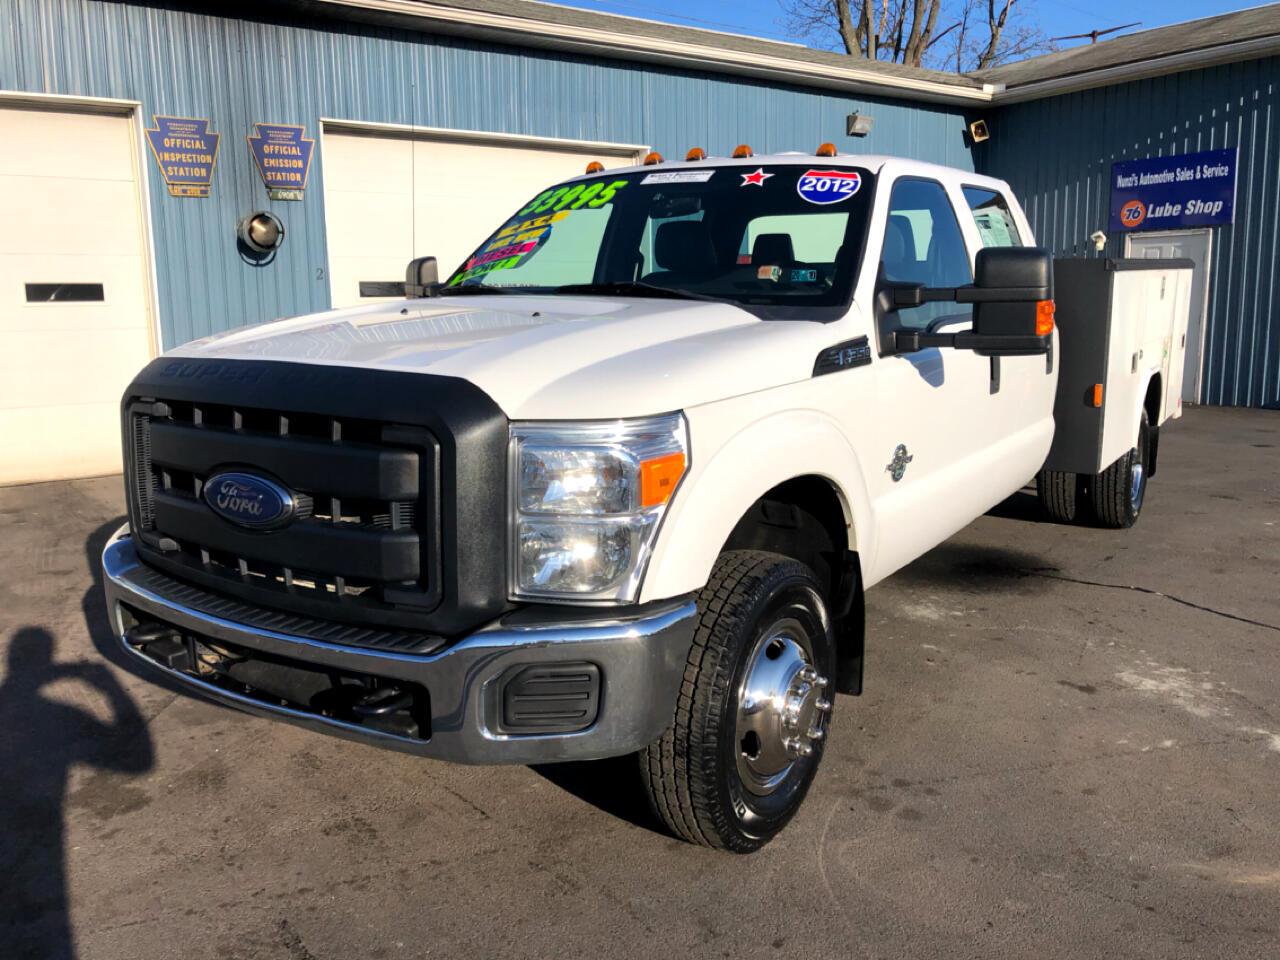 2012 Ford Super Duty F-350 DRW XL 4WD Utility Truck